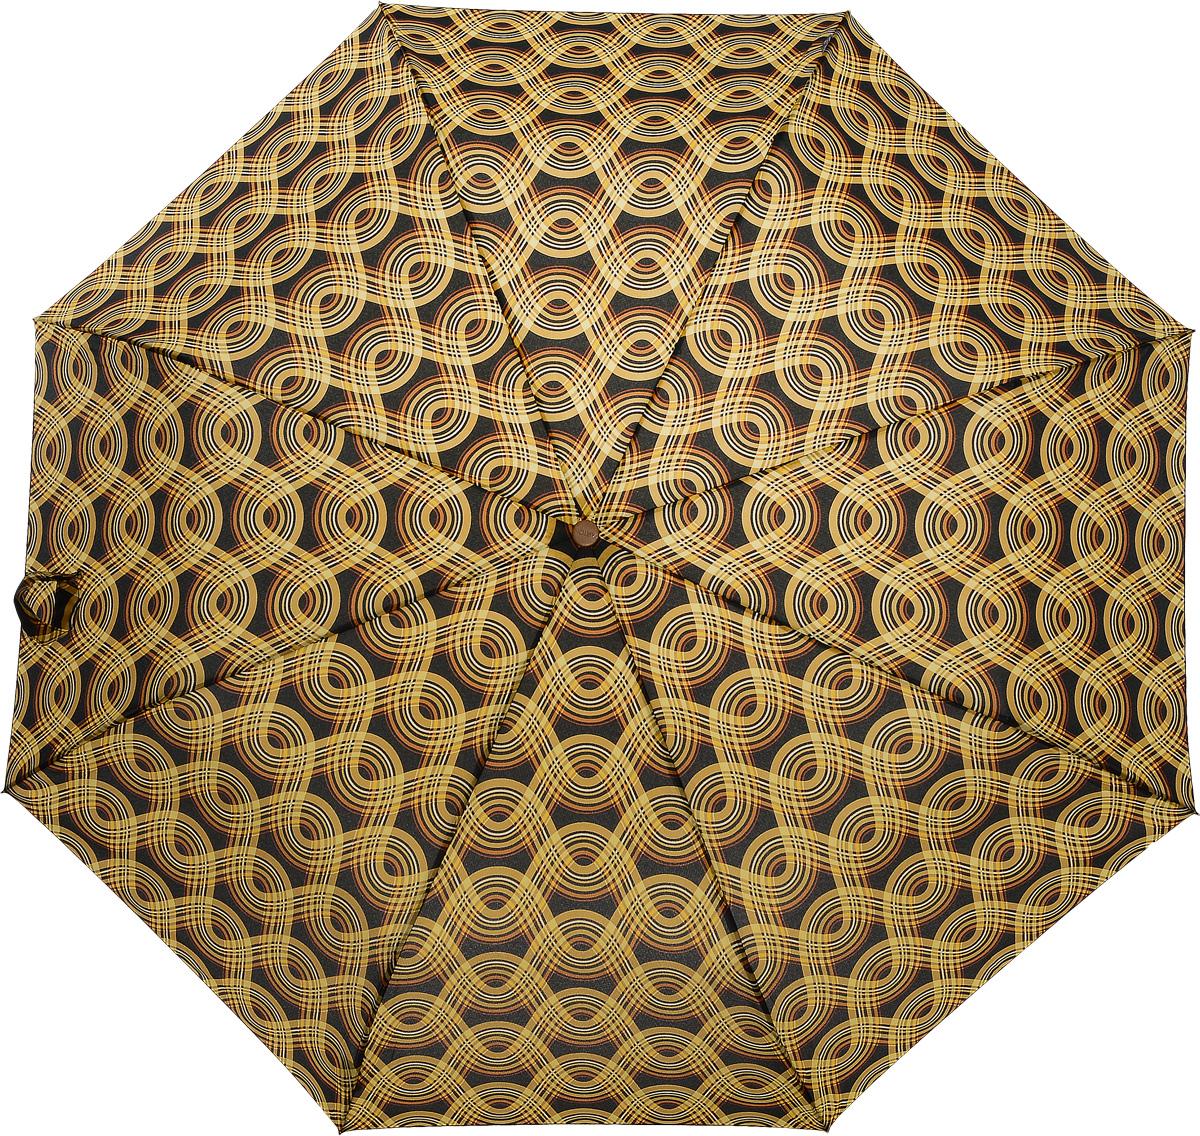 Зонт женский Airton, механический, 3 сложения, цвет: черный, оранжевый. 3535-1463535-146Классический женский зонт в 3 сложения имеет механическую систему открытия и закрытия. Каркас зонта выполнен из восьми спиц на прочном стержне. Купол зонта изготовлен из прочного полиэстера. Практичная рукоятка закругленной формы разработана с учетом требований эргономики и выполнена из натурального дерева. Такой зонт оснащен системой антиветер, которая позволяет спицам при порывах ветрах выгибаться наизнанку, и при этом не ломаться. К зонту прилагается чехол.